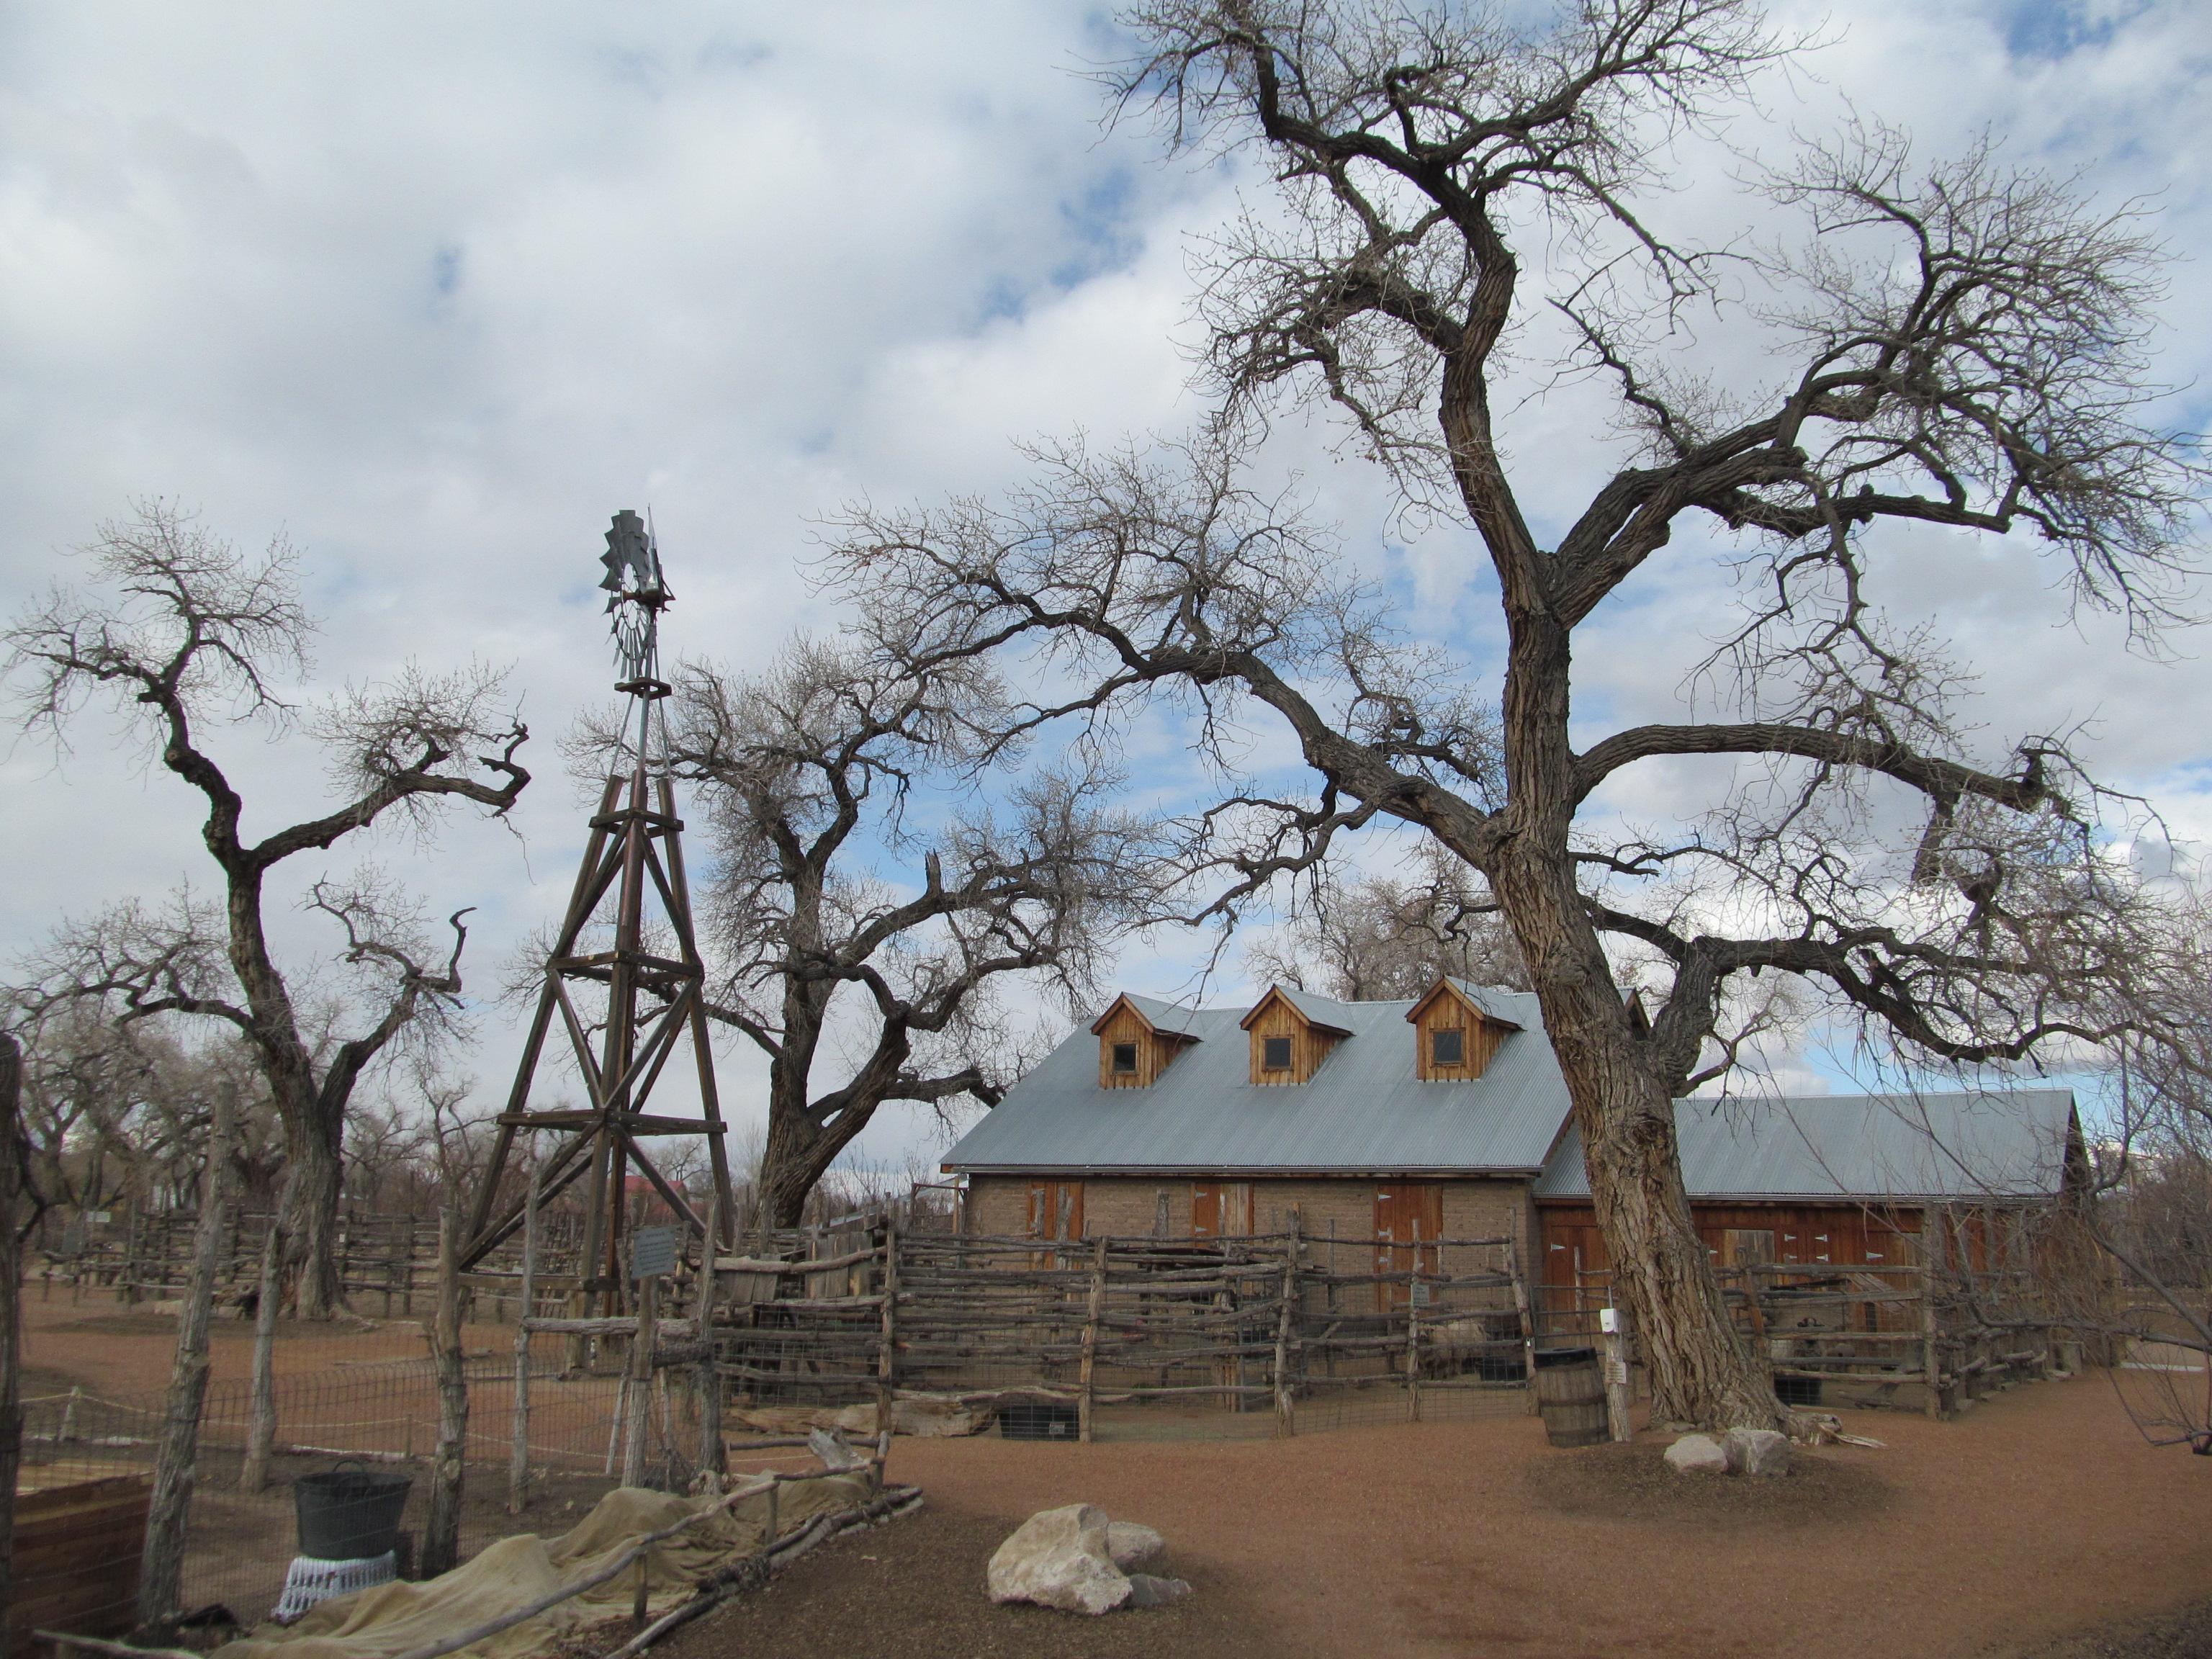 File Barn At The Heritage Farm Rio Grande Botanic Garden Albuquerque